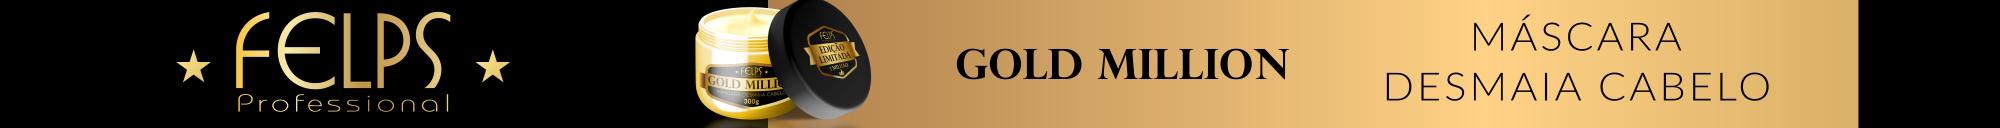 Gold Million